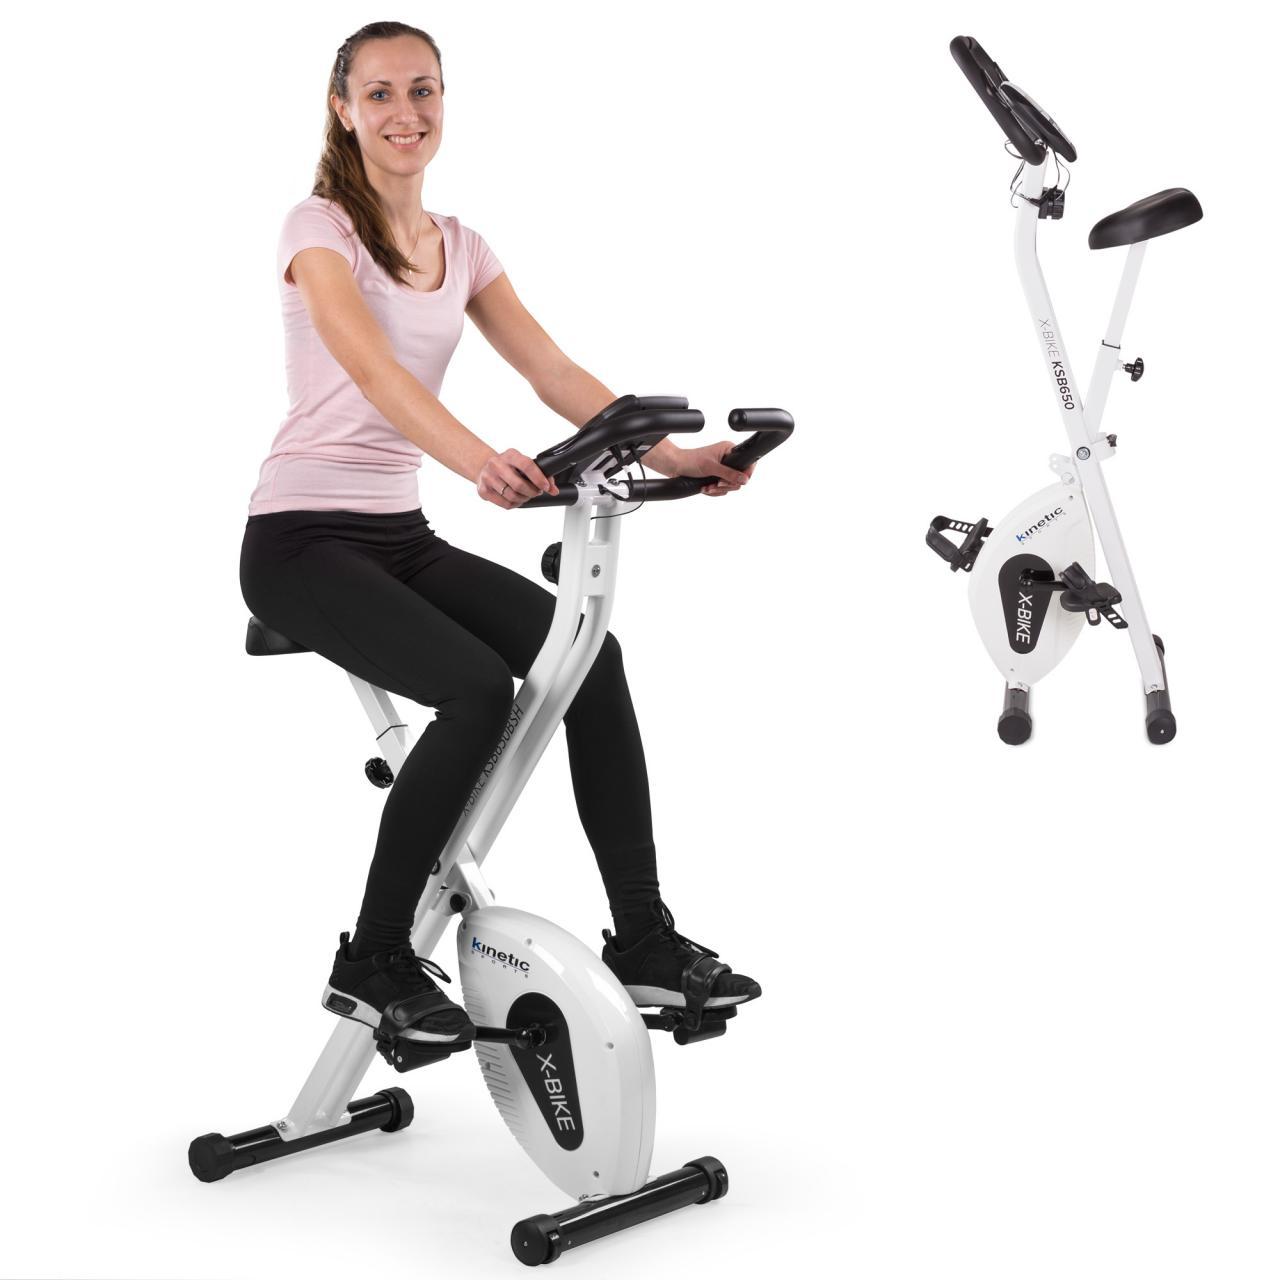 heimtrainer fitnessbike fahrrad ergometer indoorcycling ergo trimmrad klappbar ebay. Black Bedroom Furniture Sets. Home Design Ideas